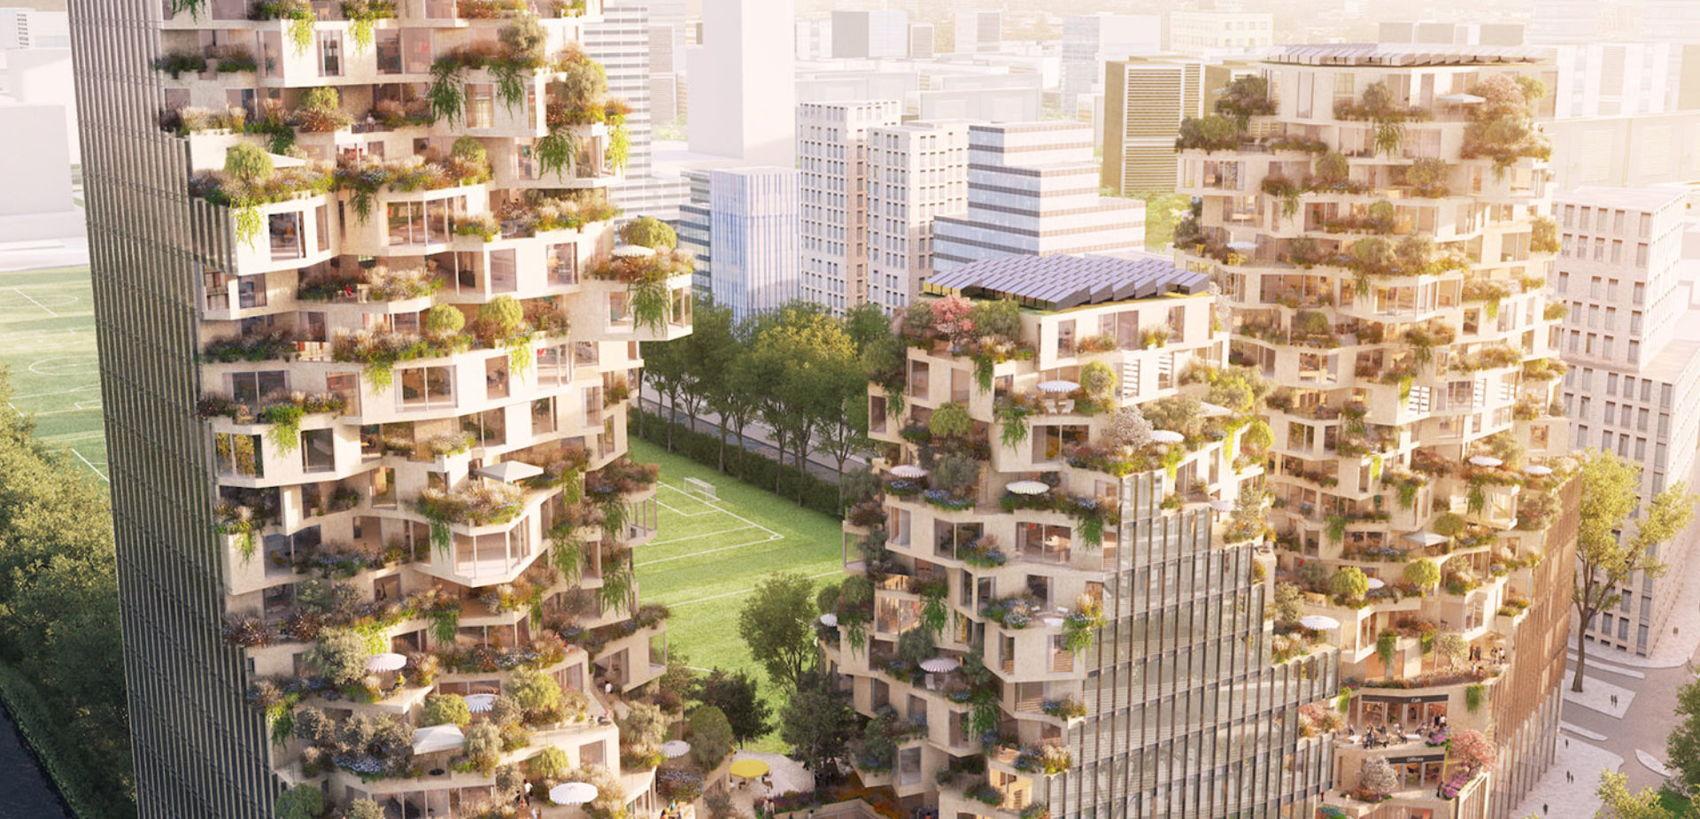 Bouw steden als bossen